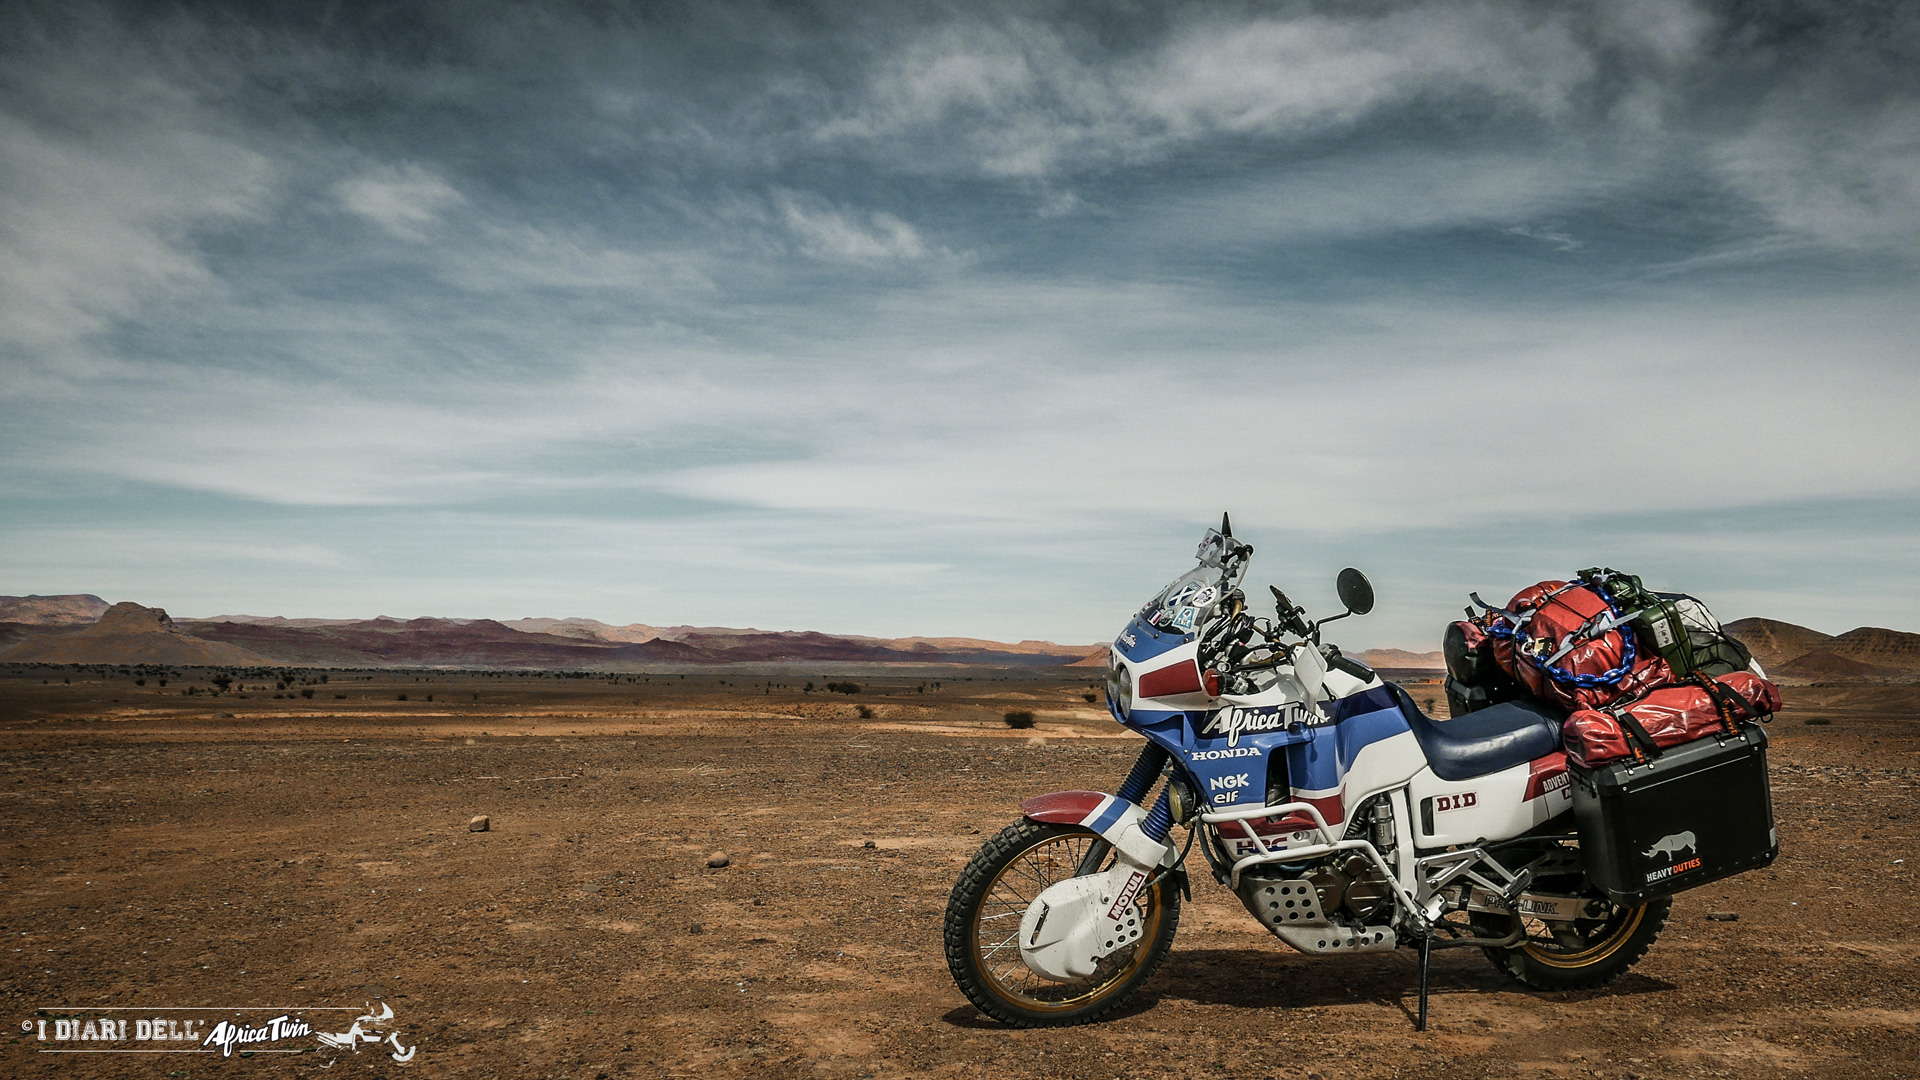 Nel mezzo del deserto